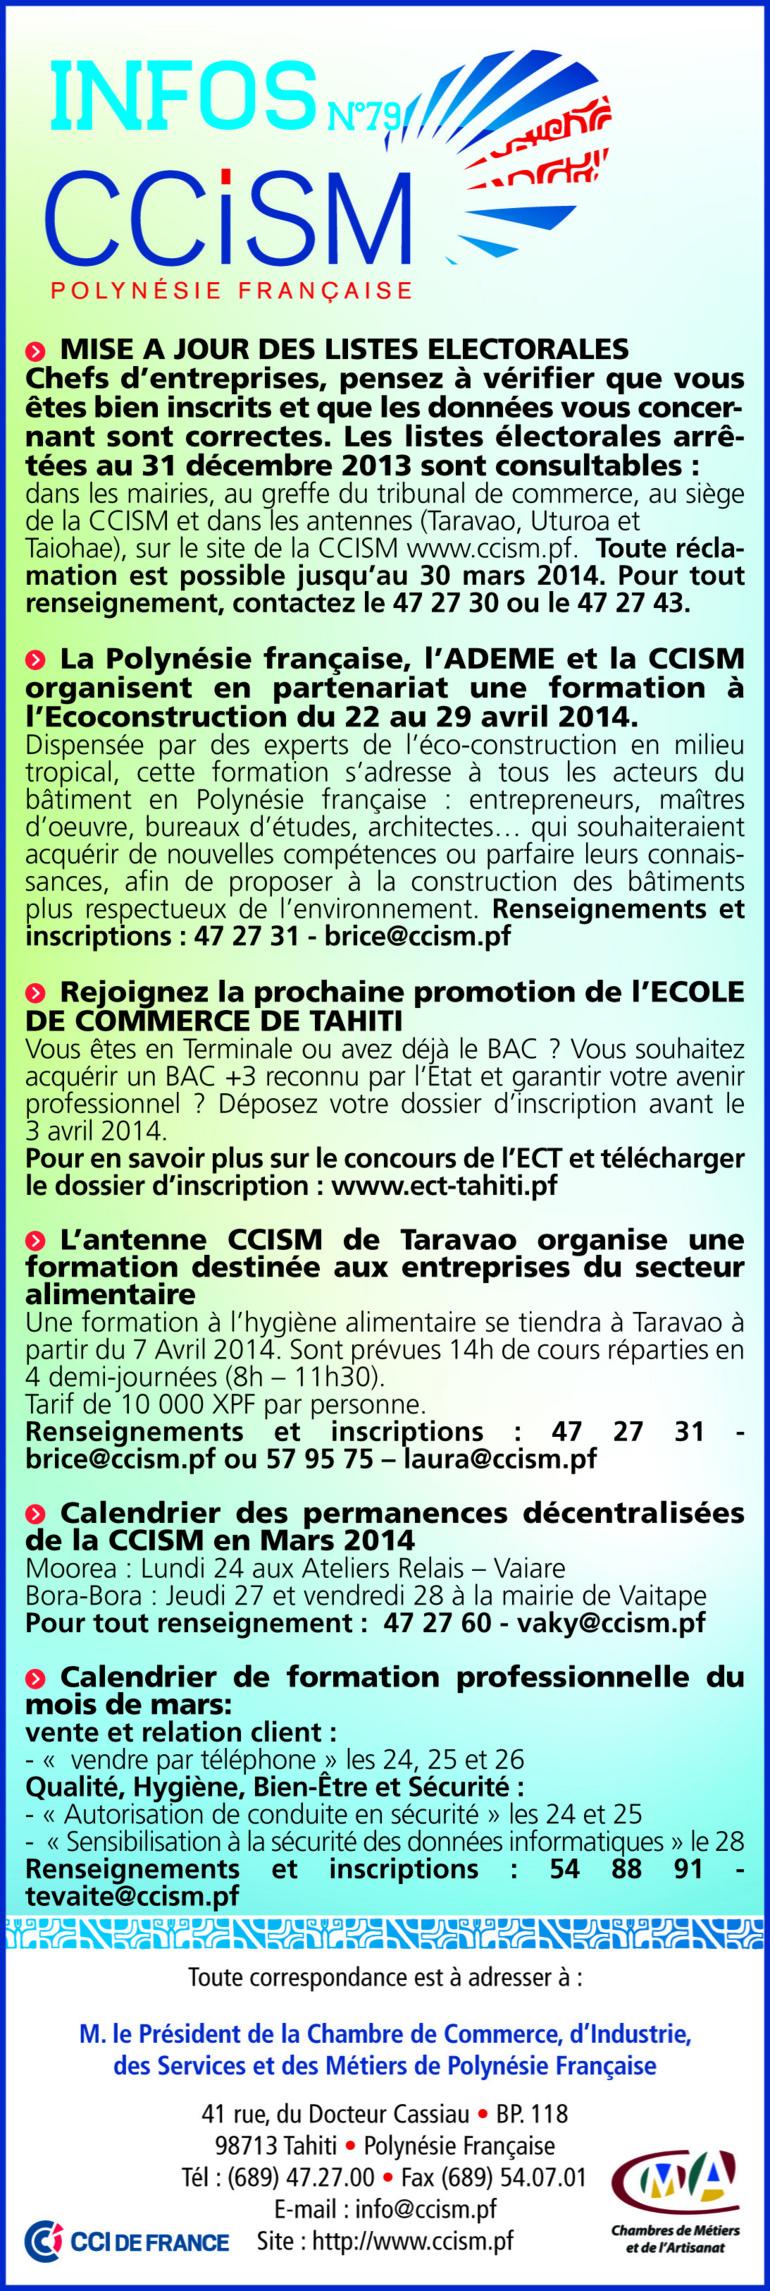 Infos CCISM N°80